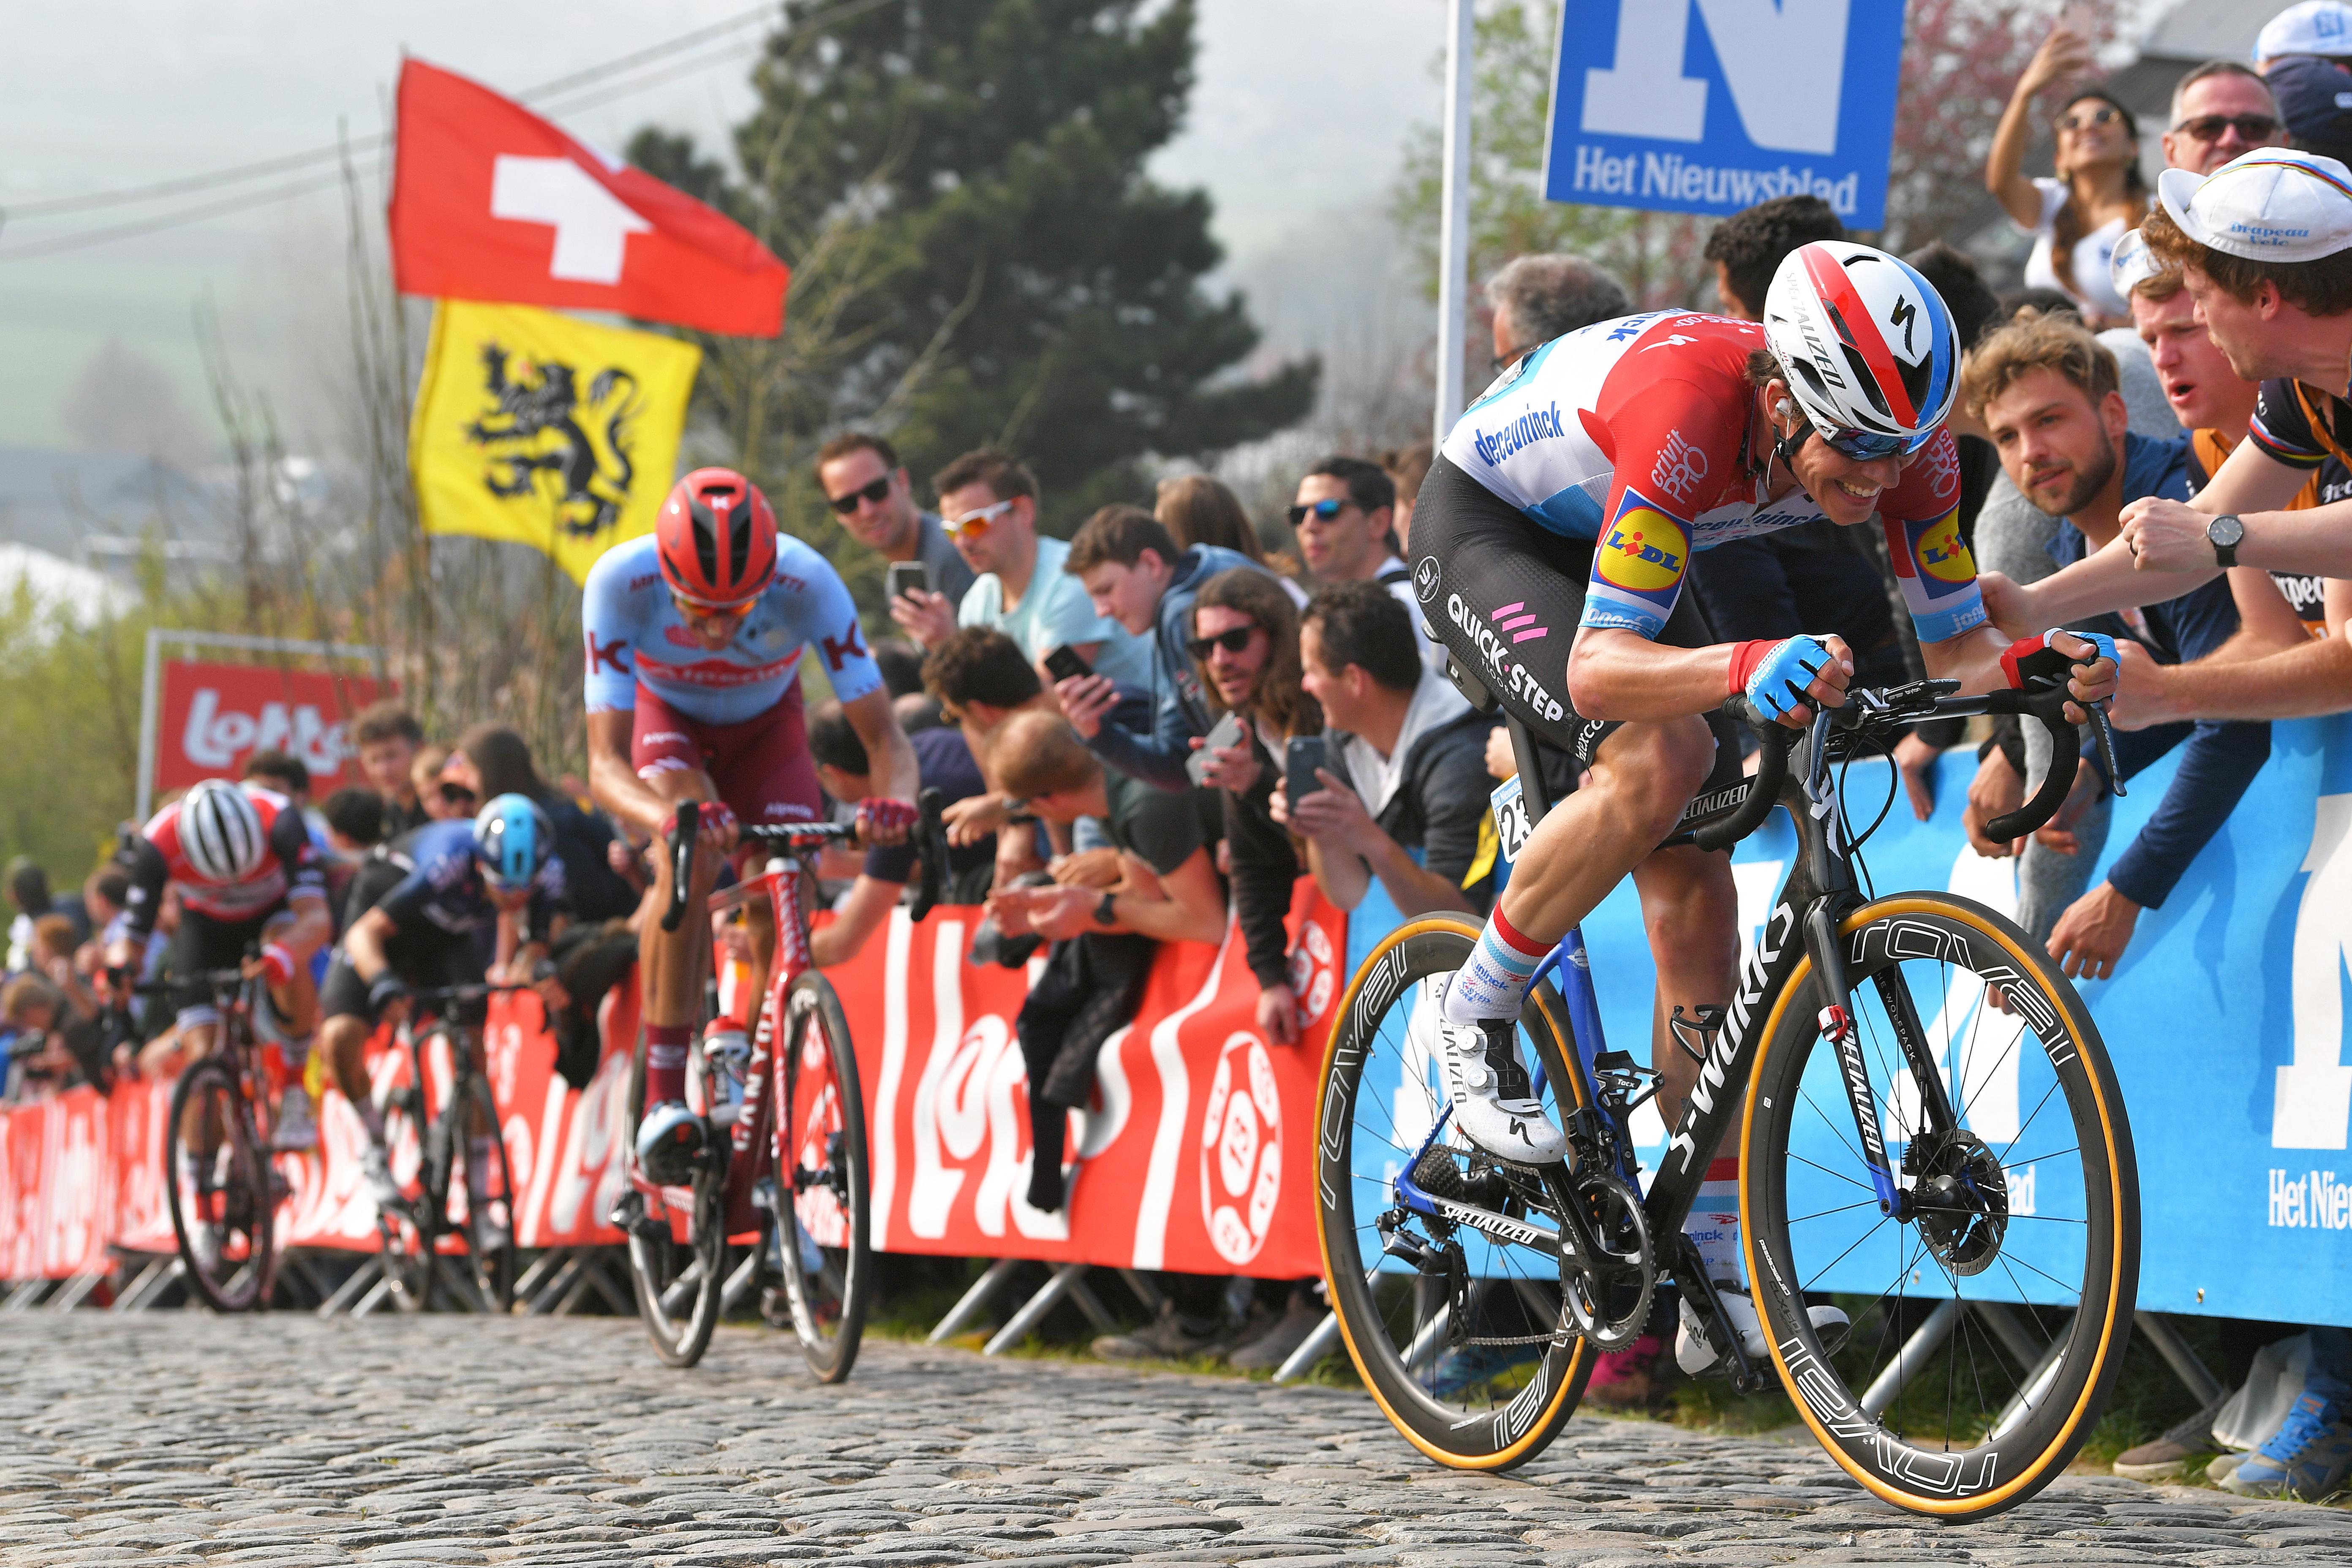 103rd Tour of Flanders 2019 - Ronde van Vlaanderen